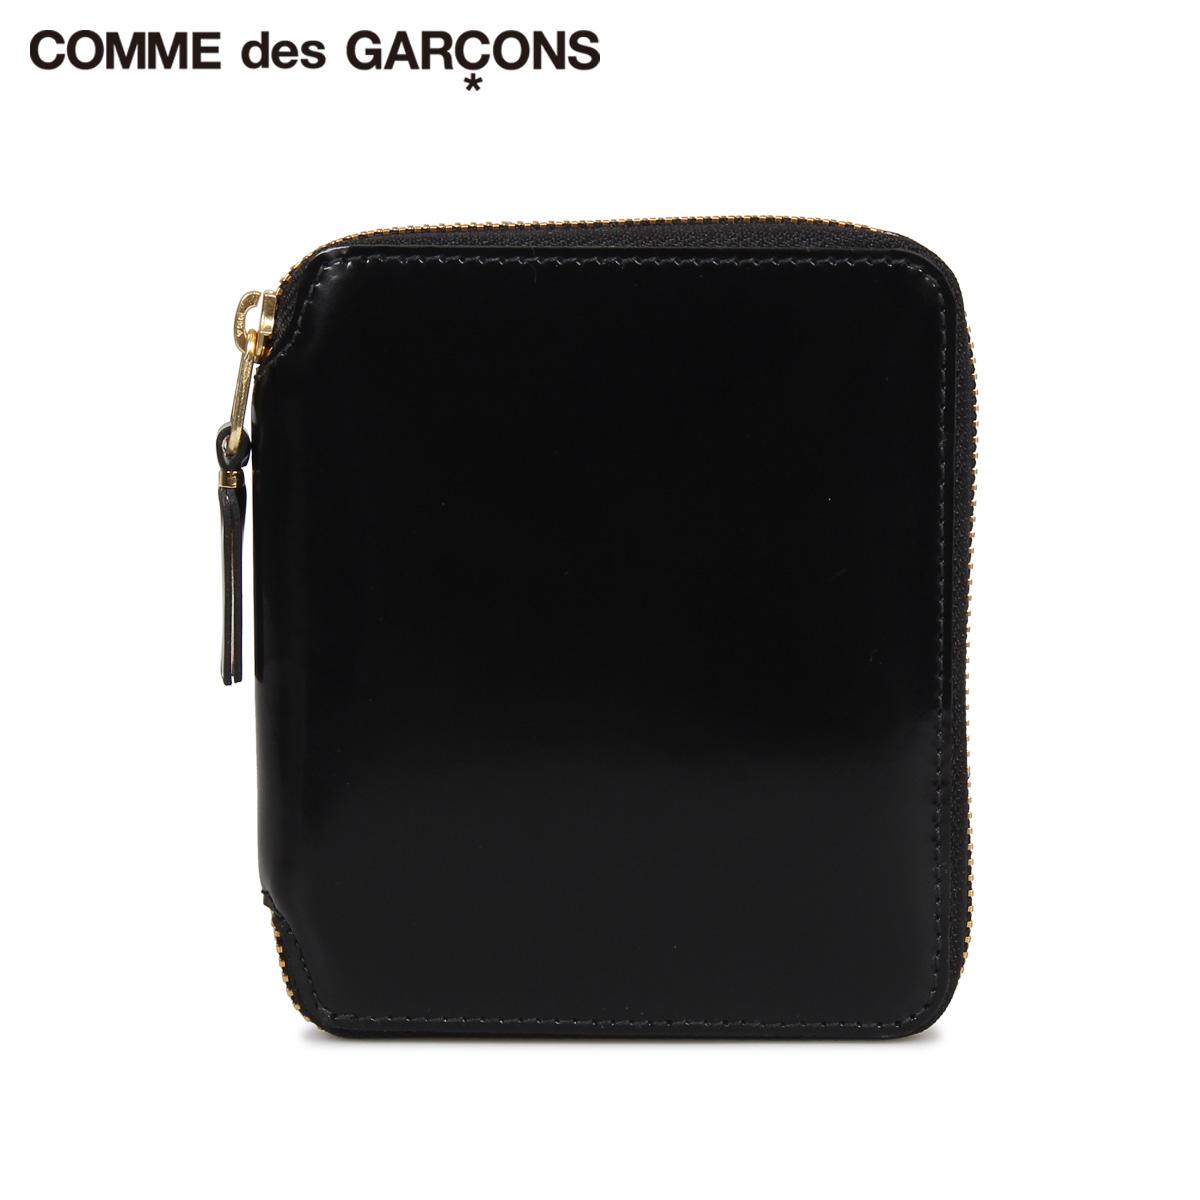 COMME des GARCONS MILLOR INSIDE WALLET コムデギャルソン 財布 二つ折り メンズ レディース ラウンドファスナー 本革 ブラック 黒 SA2100MI [10/10 新入荷]